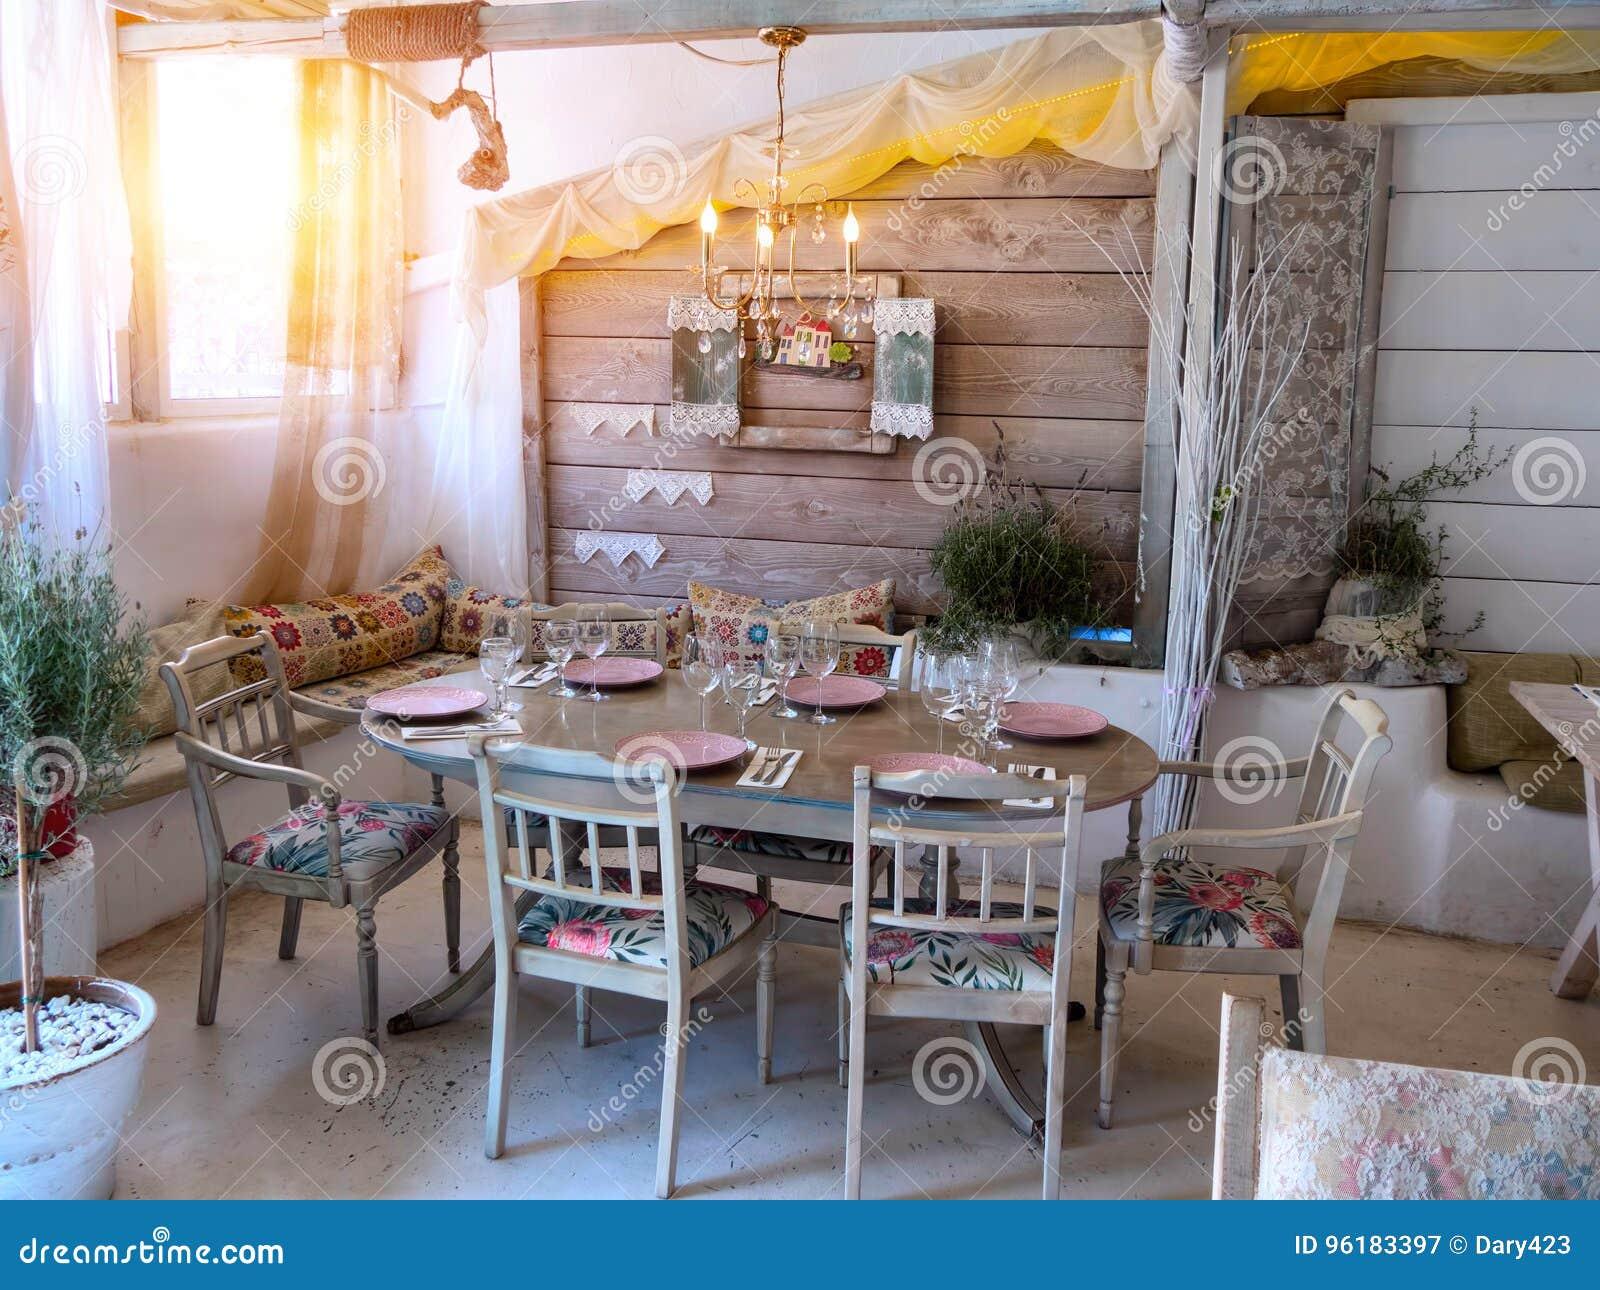 Piccola Sala Da Pranzo : Una piccola sala da pranzo in una casa rustica immagine stock